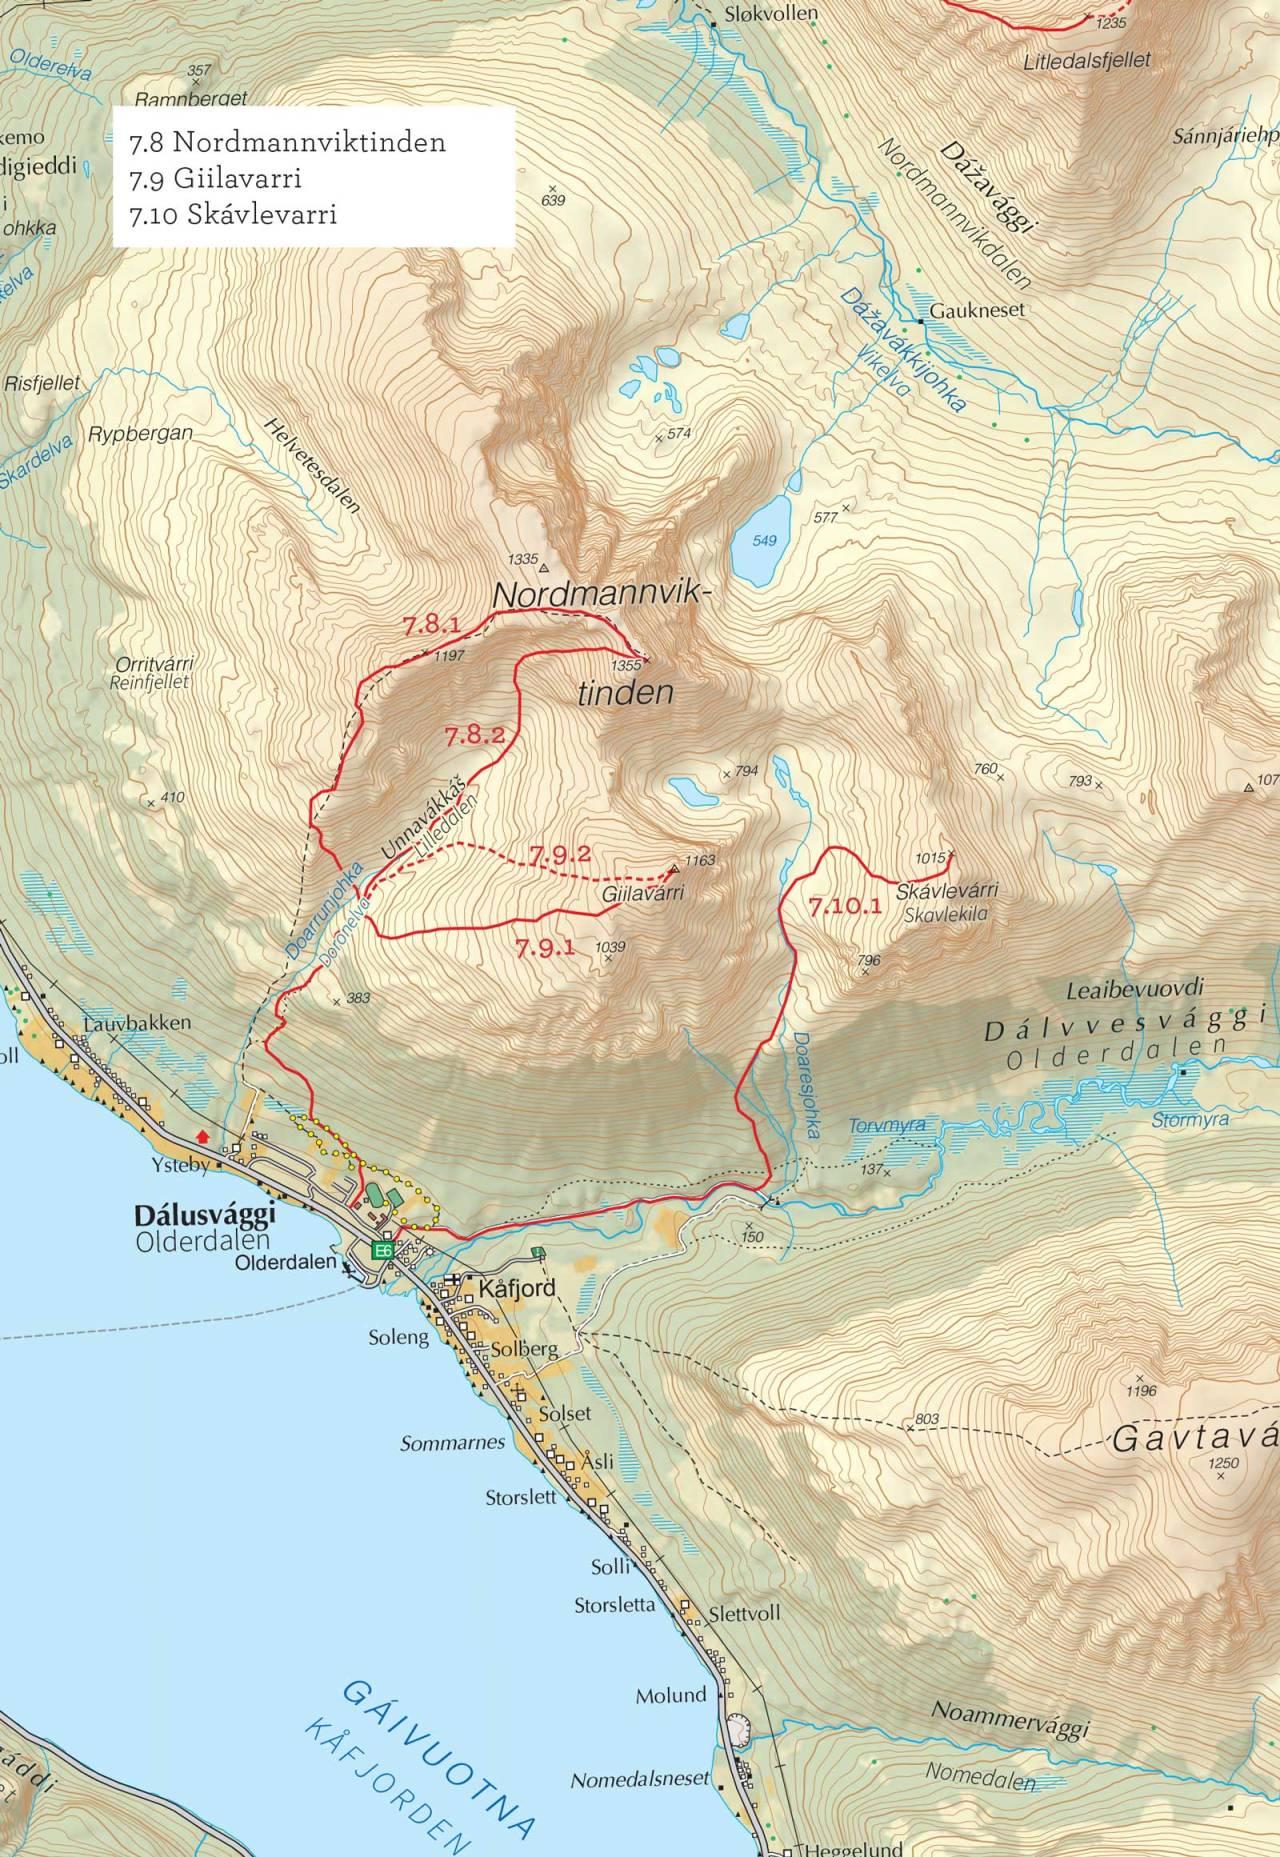 Oversiktskart over Nordmannviktinden med inntegnet rute. Fra Toppturer i Troms.